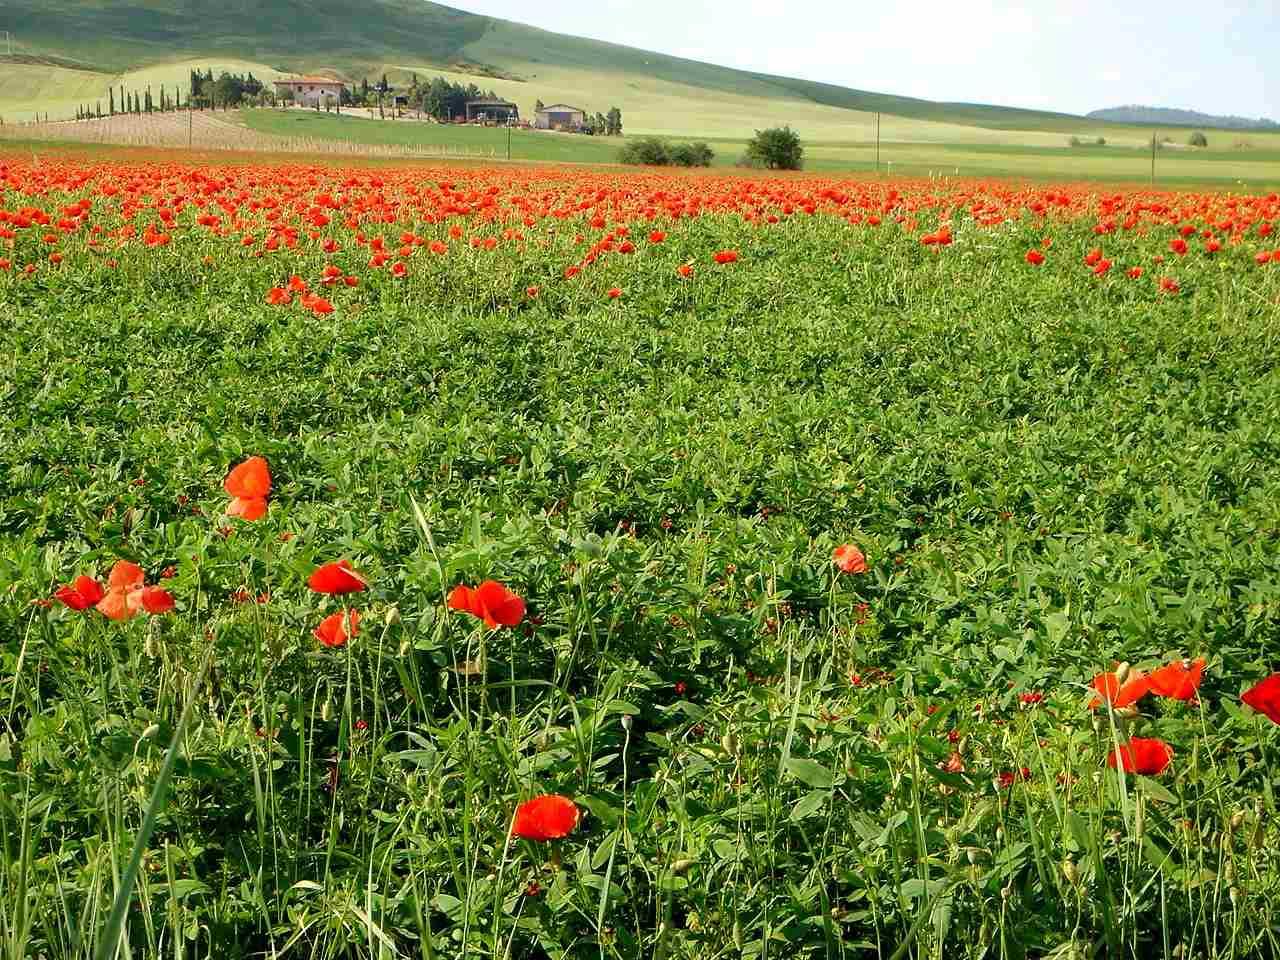 Foto: Manfred Karl / Mountainbike Tour / Von Bagno Vignoni nach Pienza / Mohnfelder soweit das Auge reicht. / 20.06.2007 17:43:50